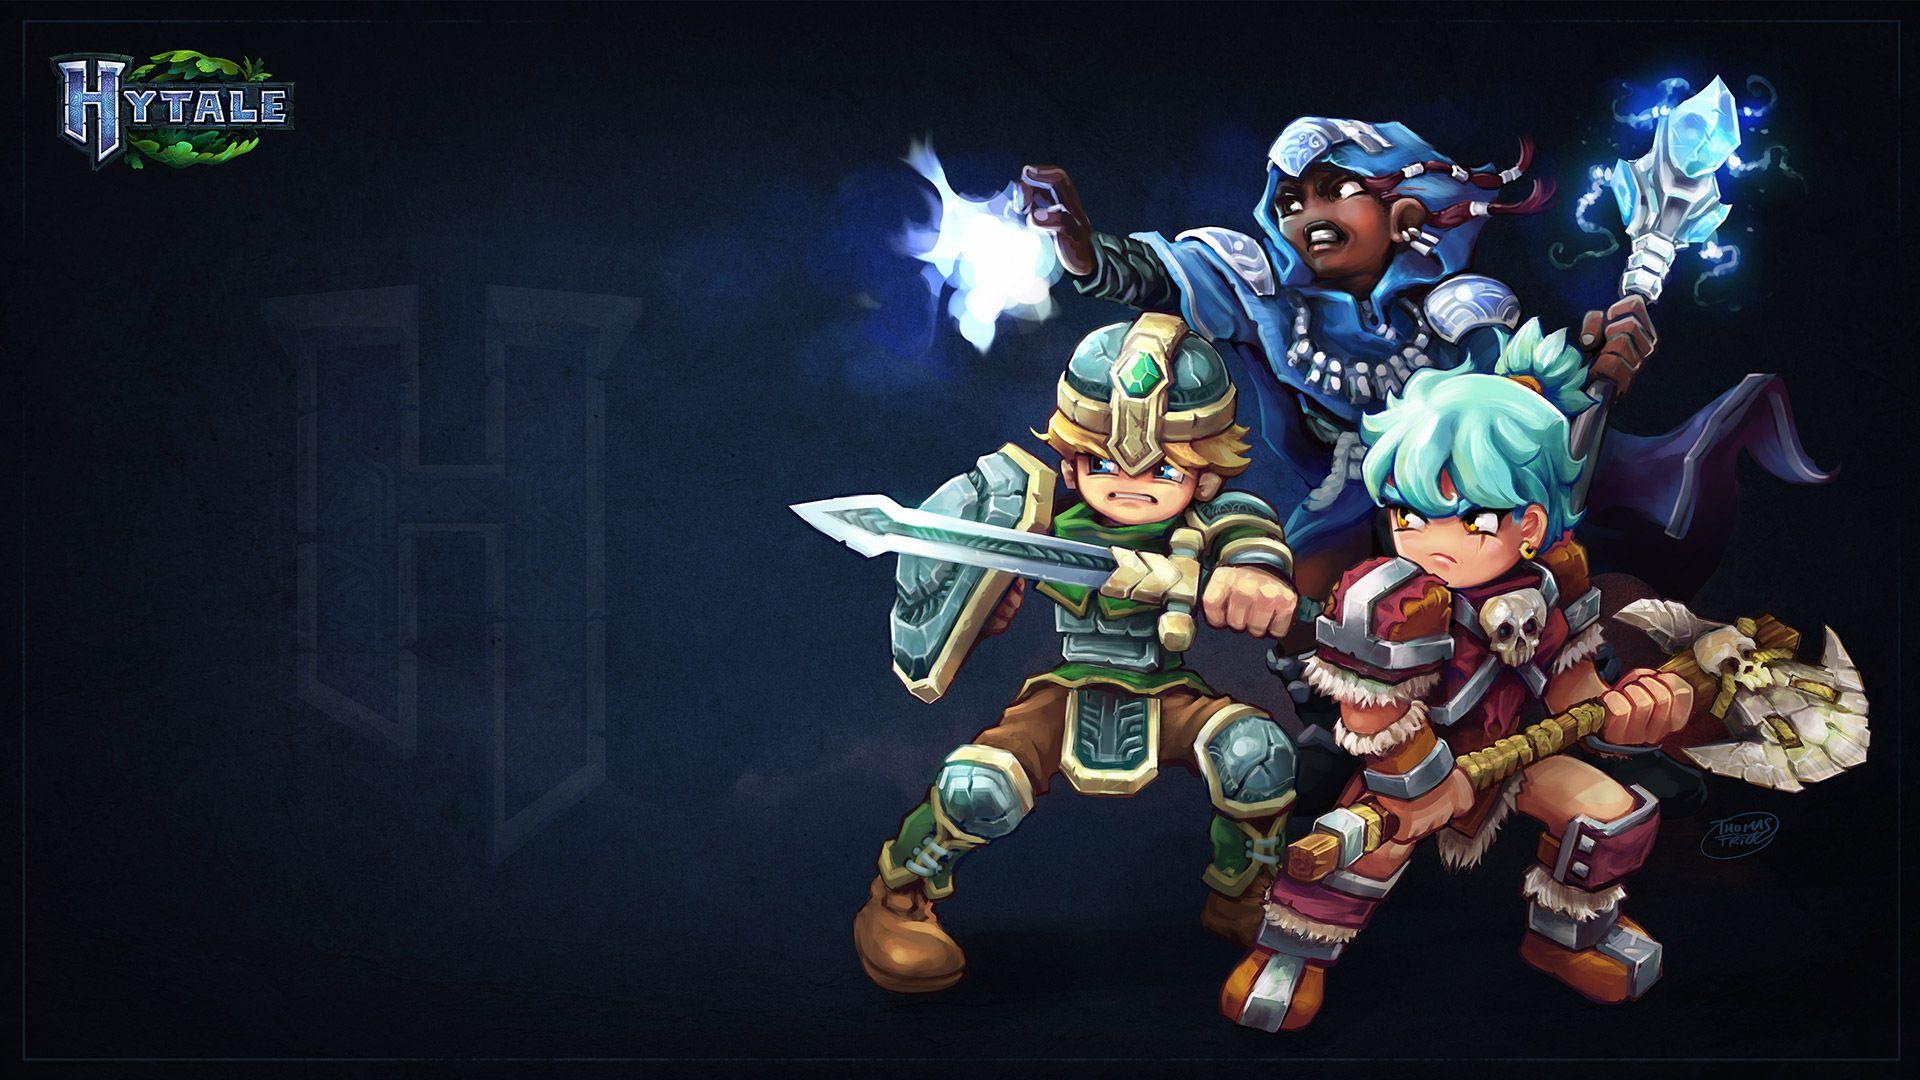 Wallpaper de Hytale réaliser par Hypixel Studio   Hytale   Game